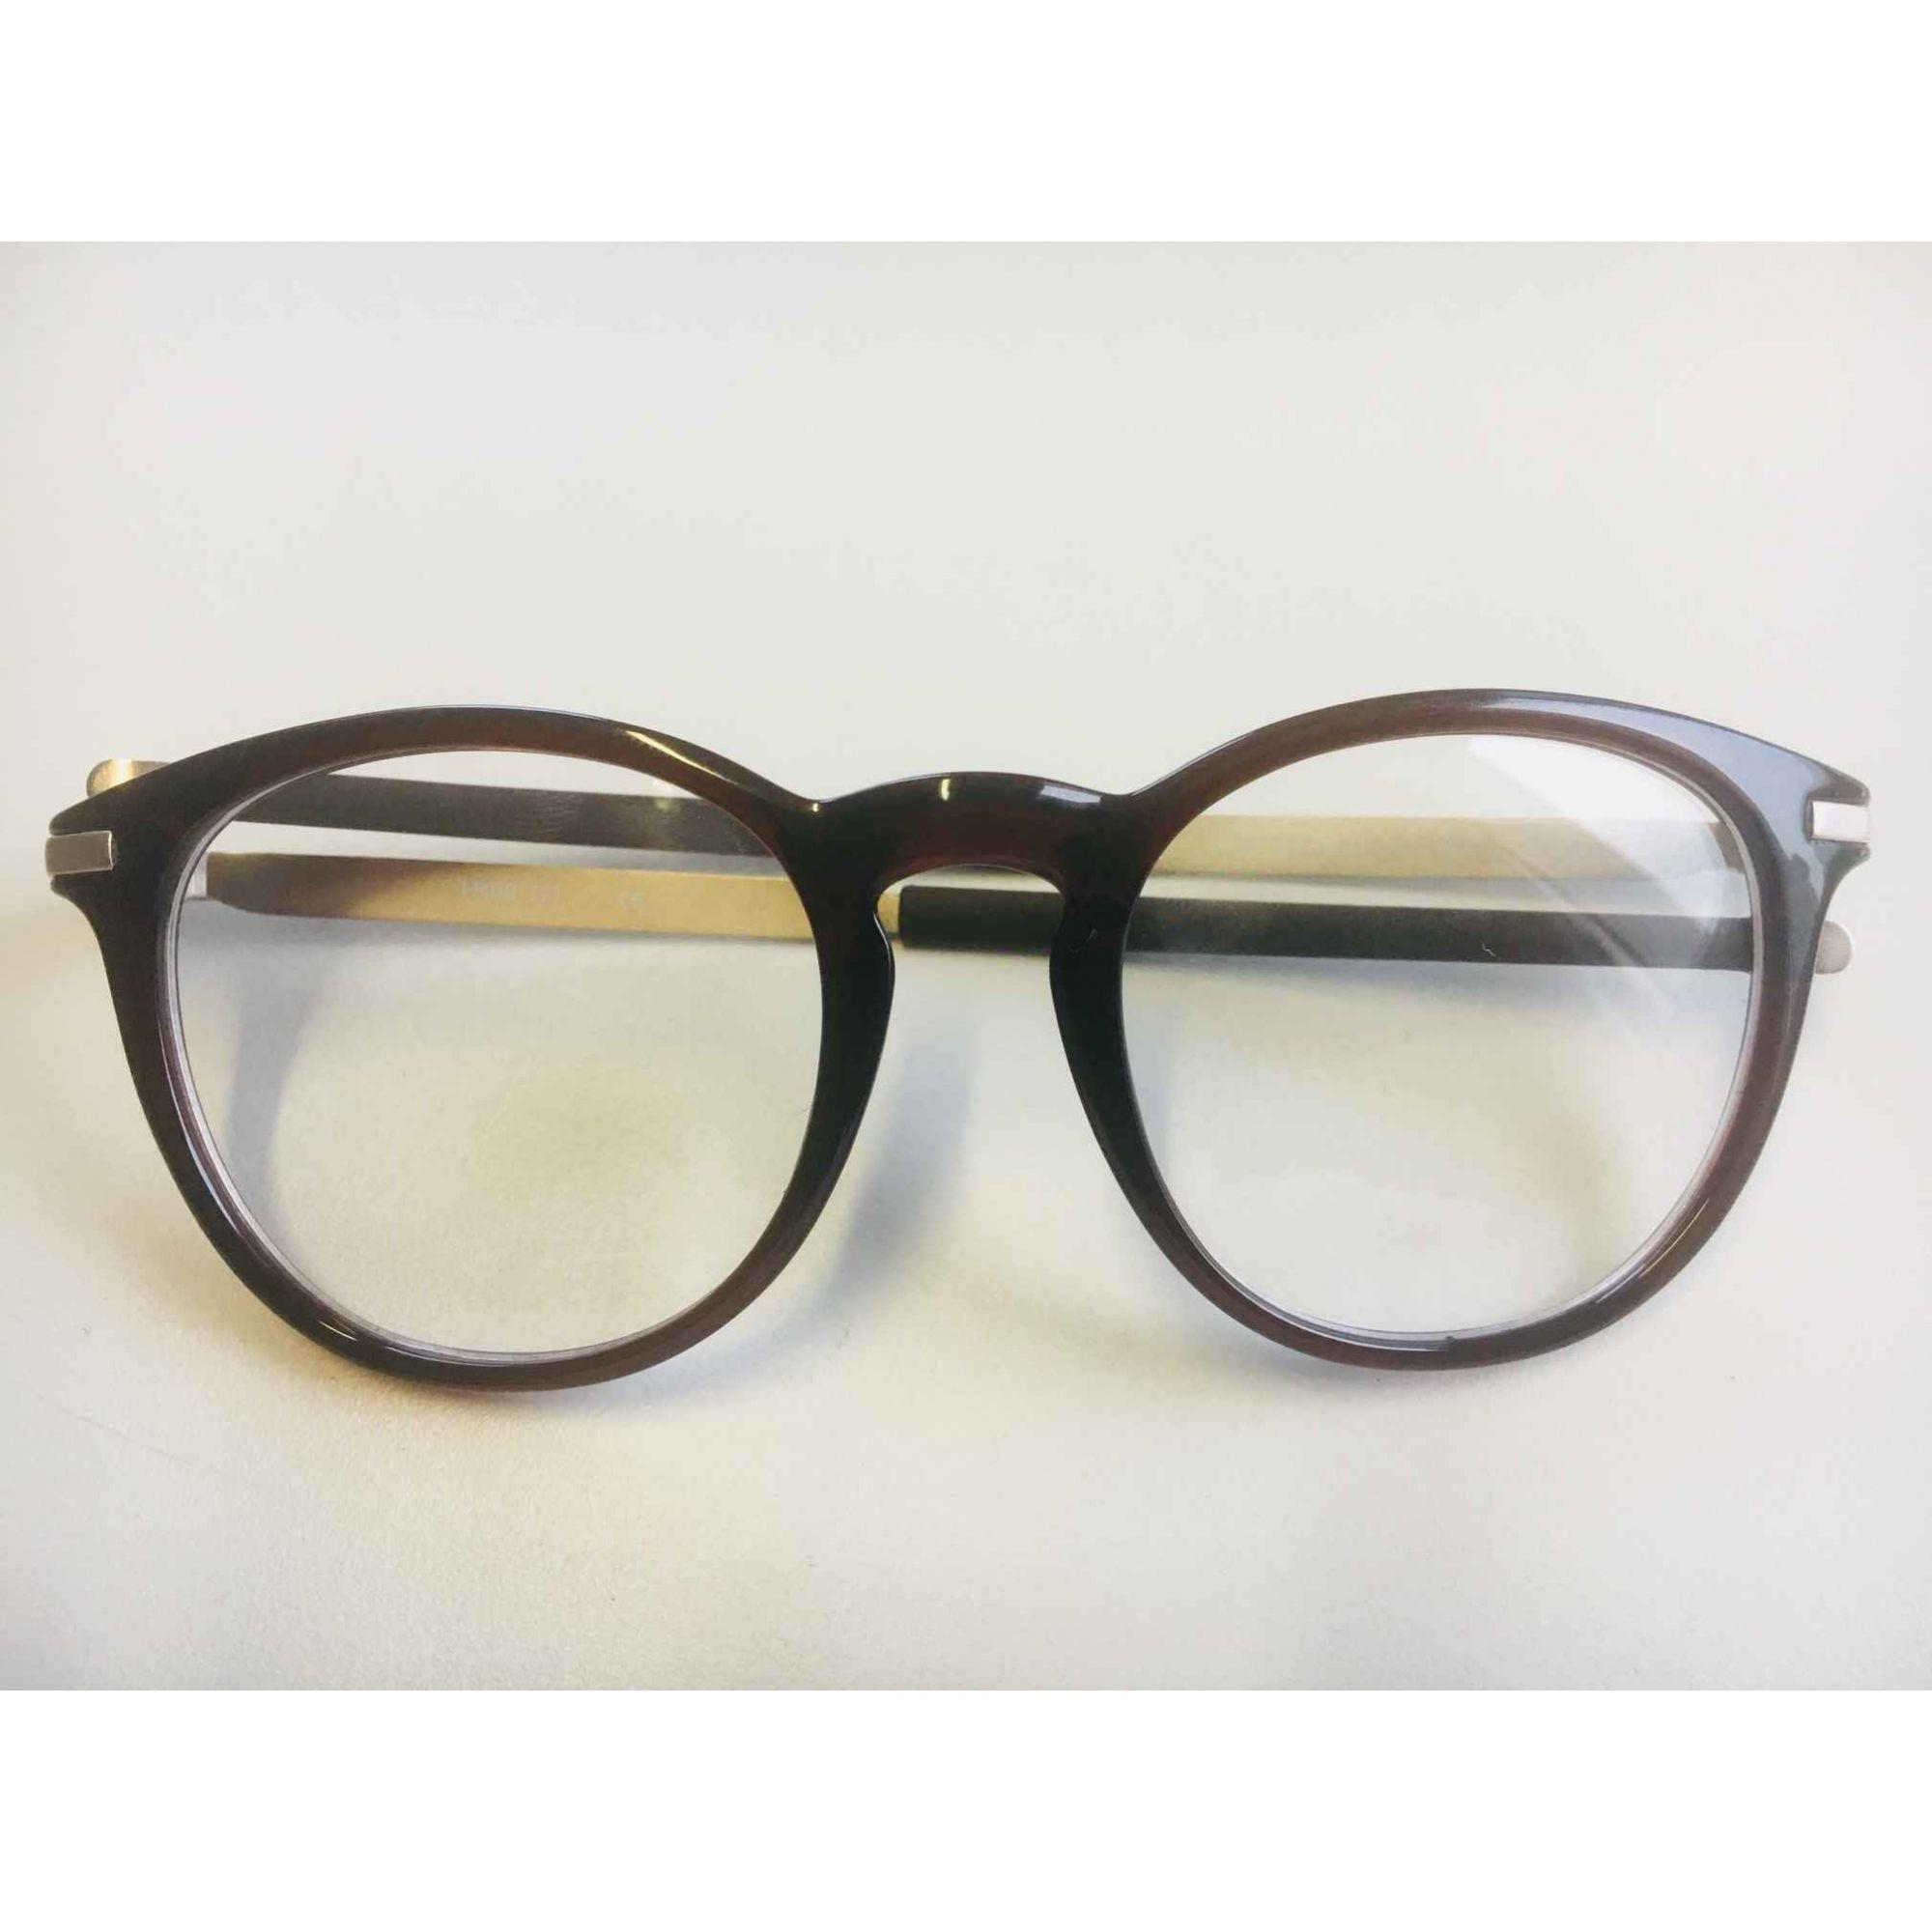 30e03f6d3 Óculos Armação De Grau Redondo Masculino Esportivo